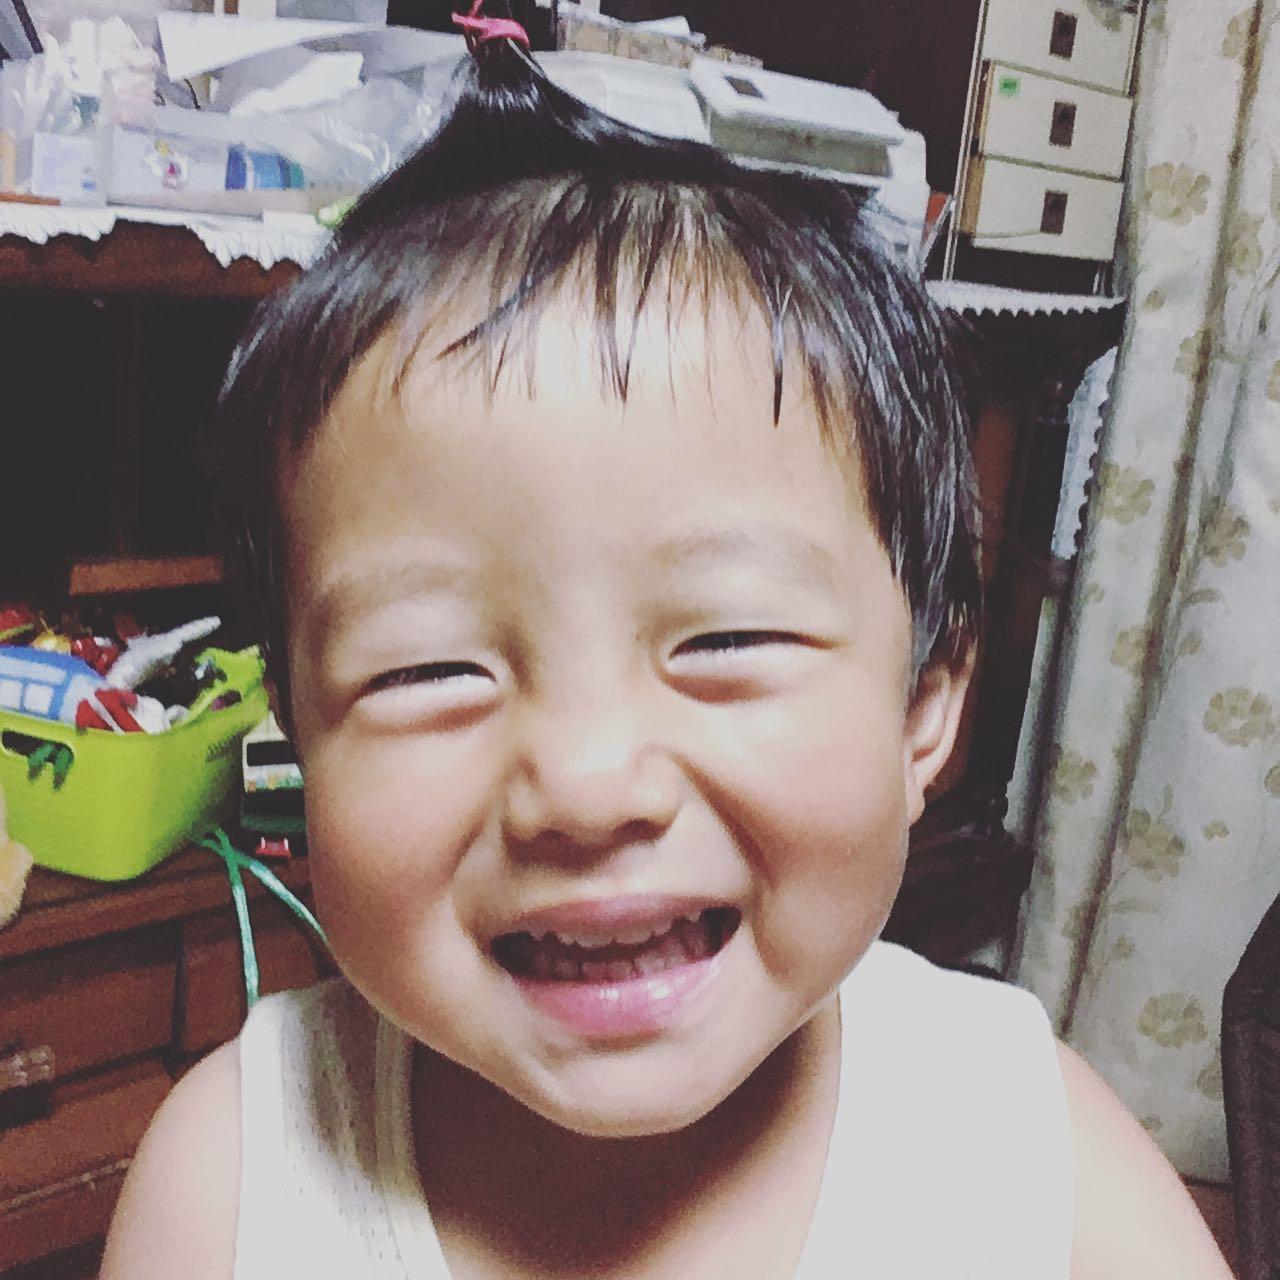 息子が作り笑顔をするようになりました。いい感じに世の中に染まってます。雨の休日お疲れ様でした!夜中に卵蒸しパン作りたくなって味見した罪悪感かかえて寝ます。